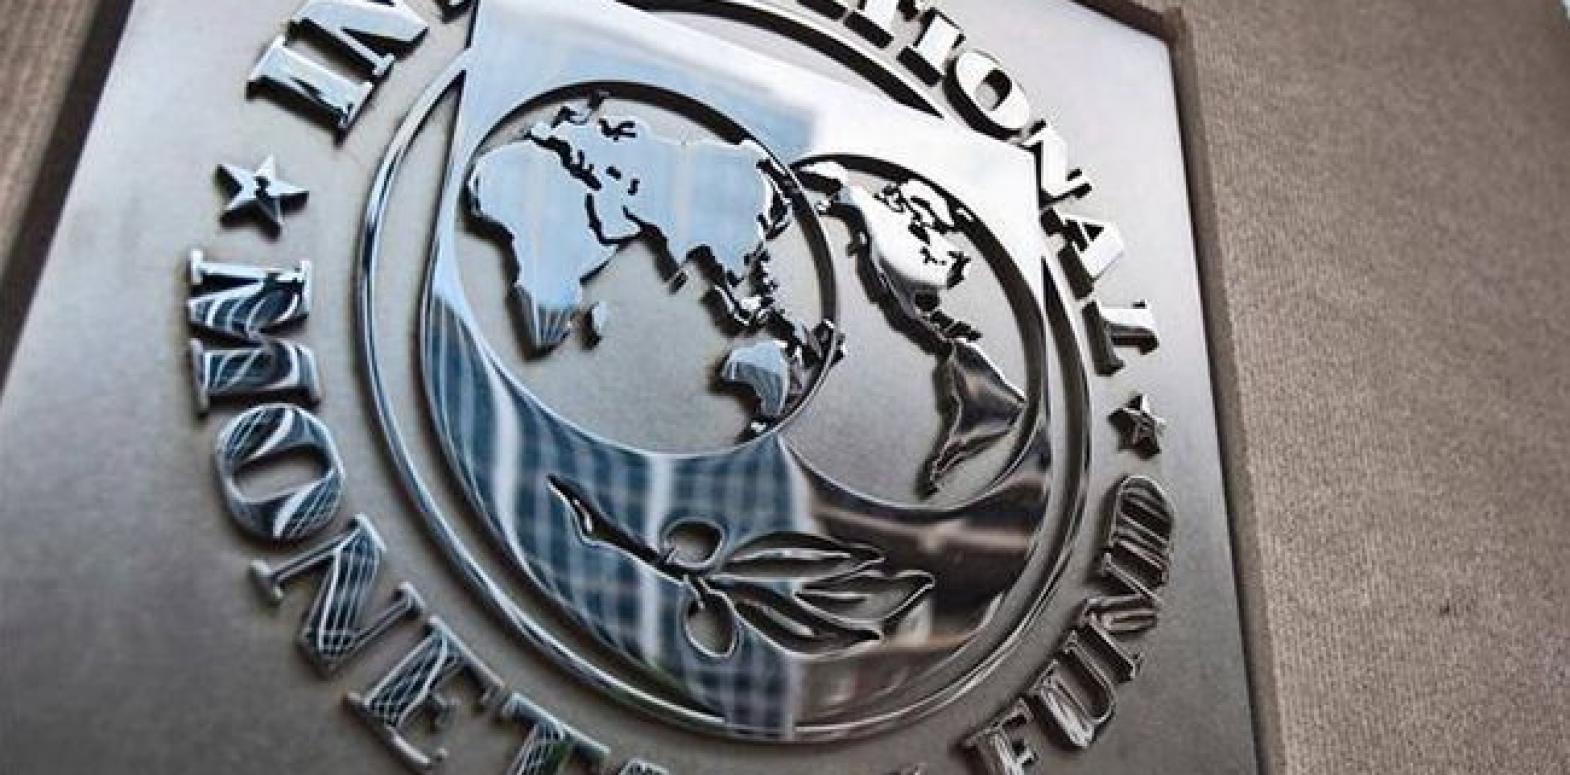 МВФ может выделить Украине 6 млрд долларов